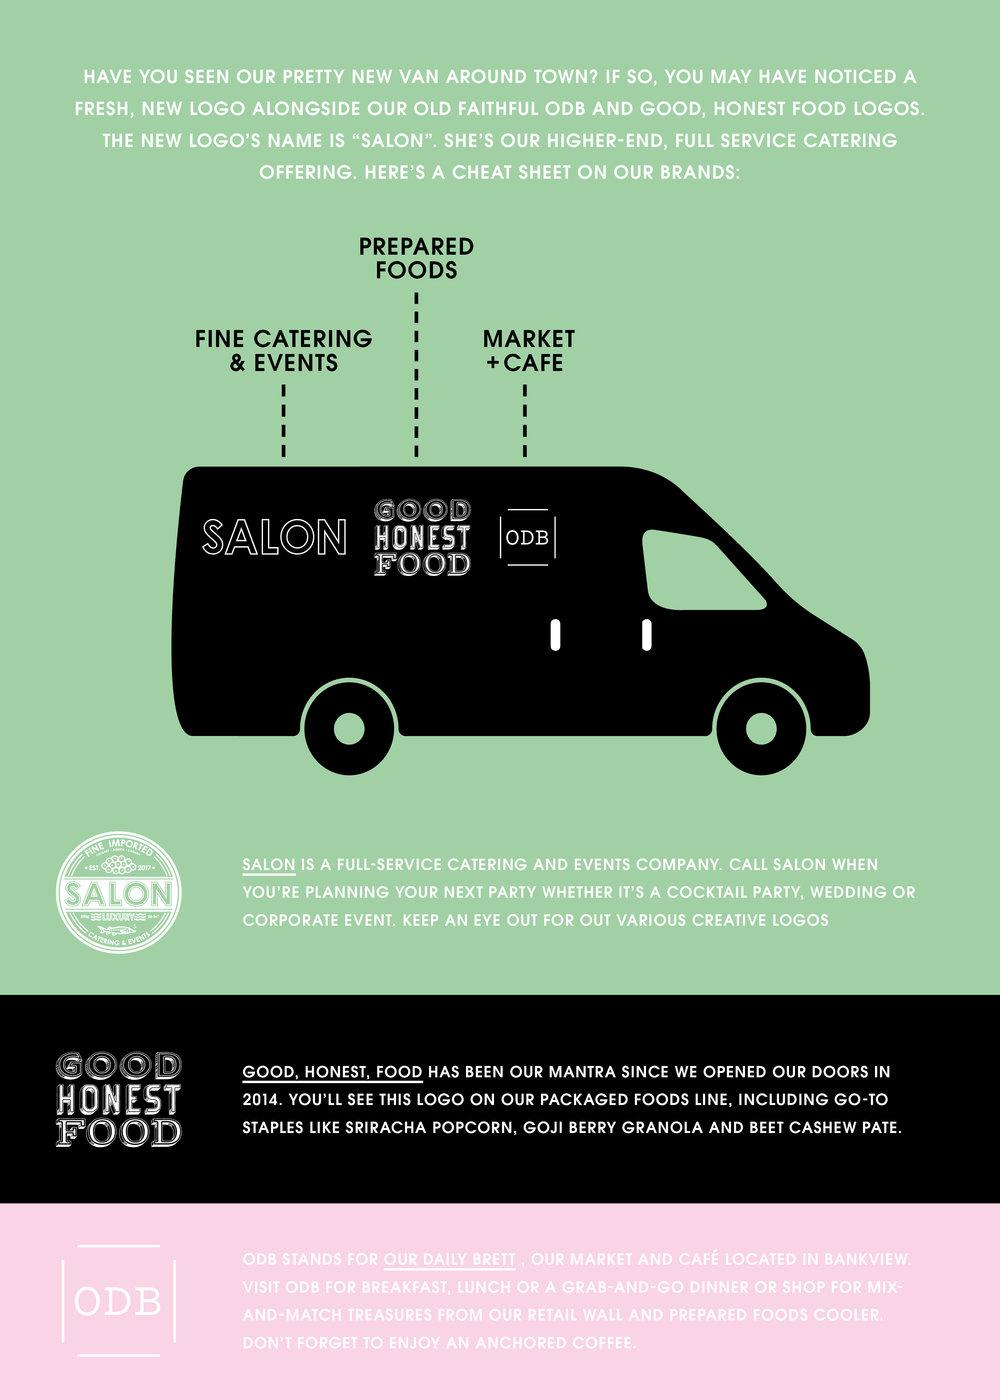 SALON-brand-segmenting-FULL.jpg